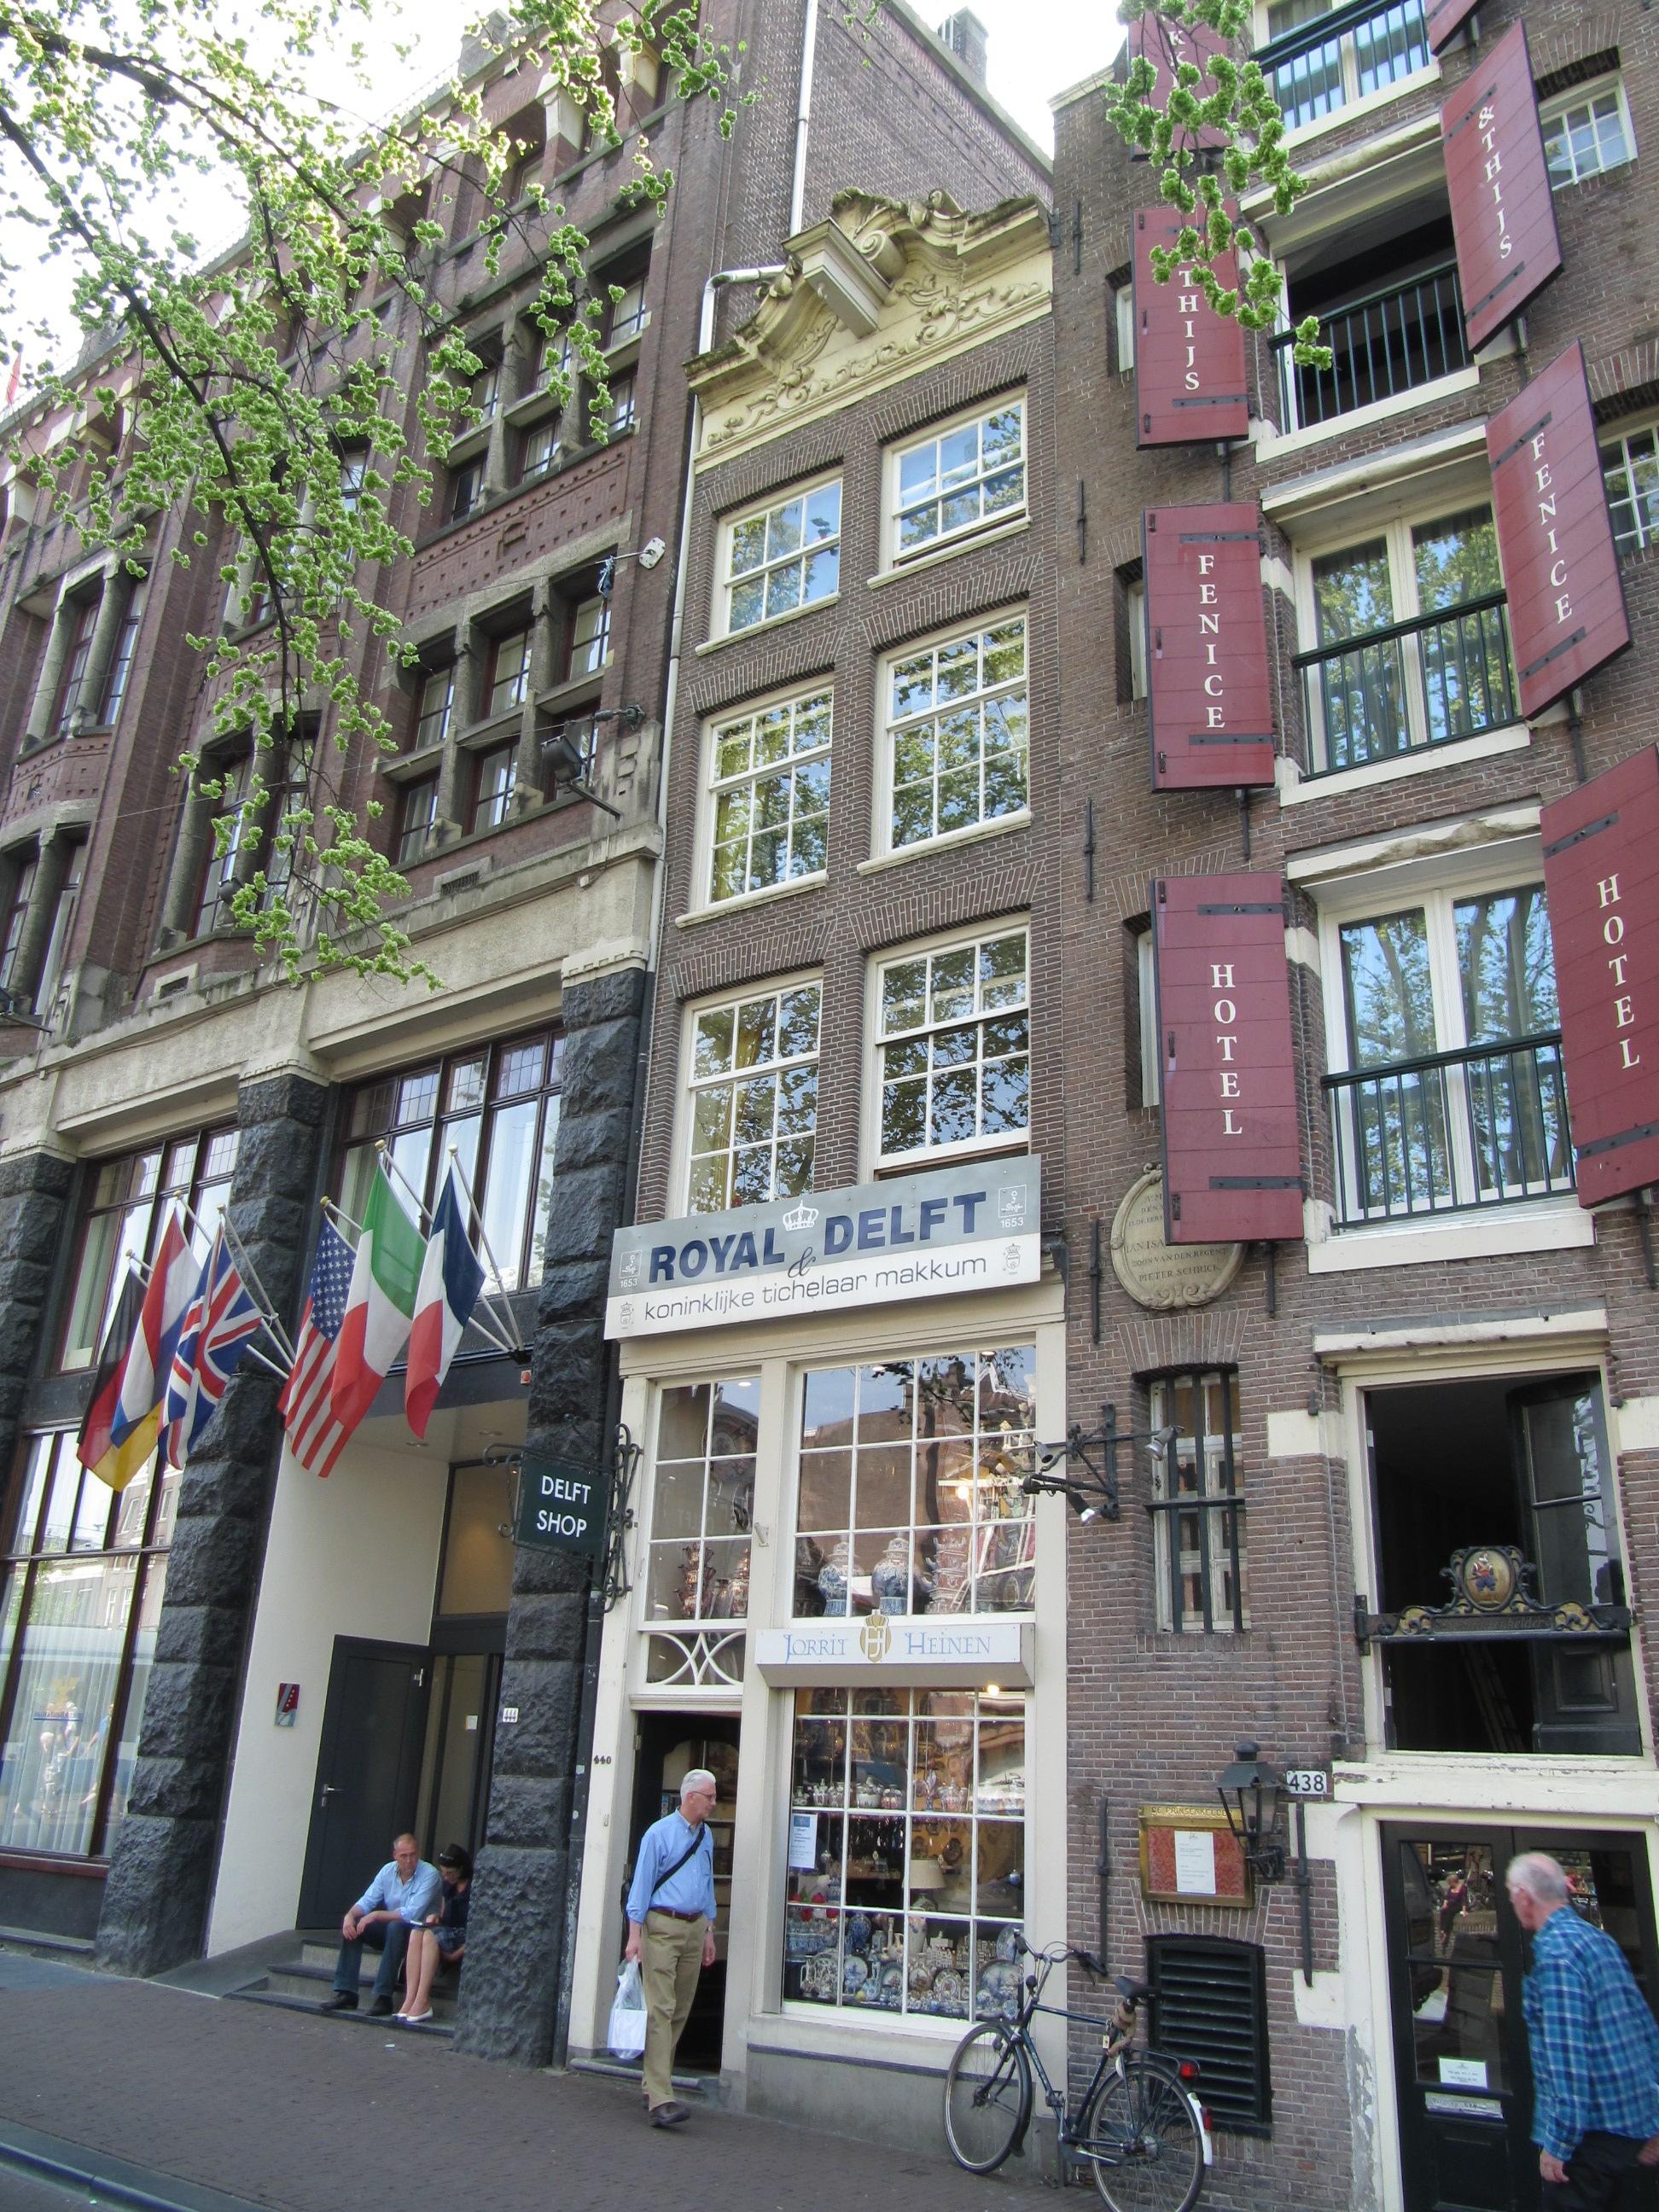 Huis met smalle gevel onder verhoogde lijst in amsterdam for Lijst inrichting huis